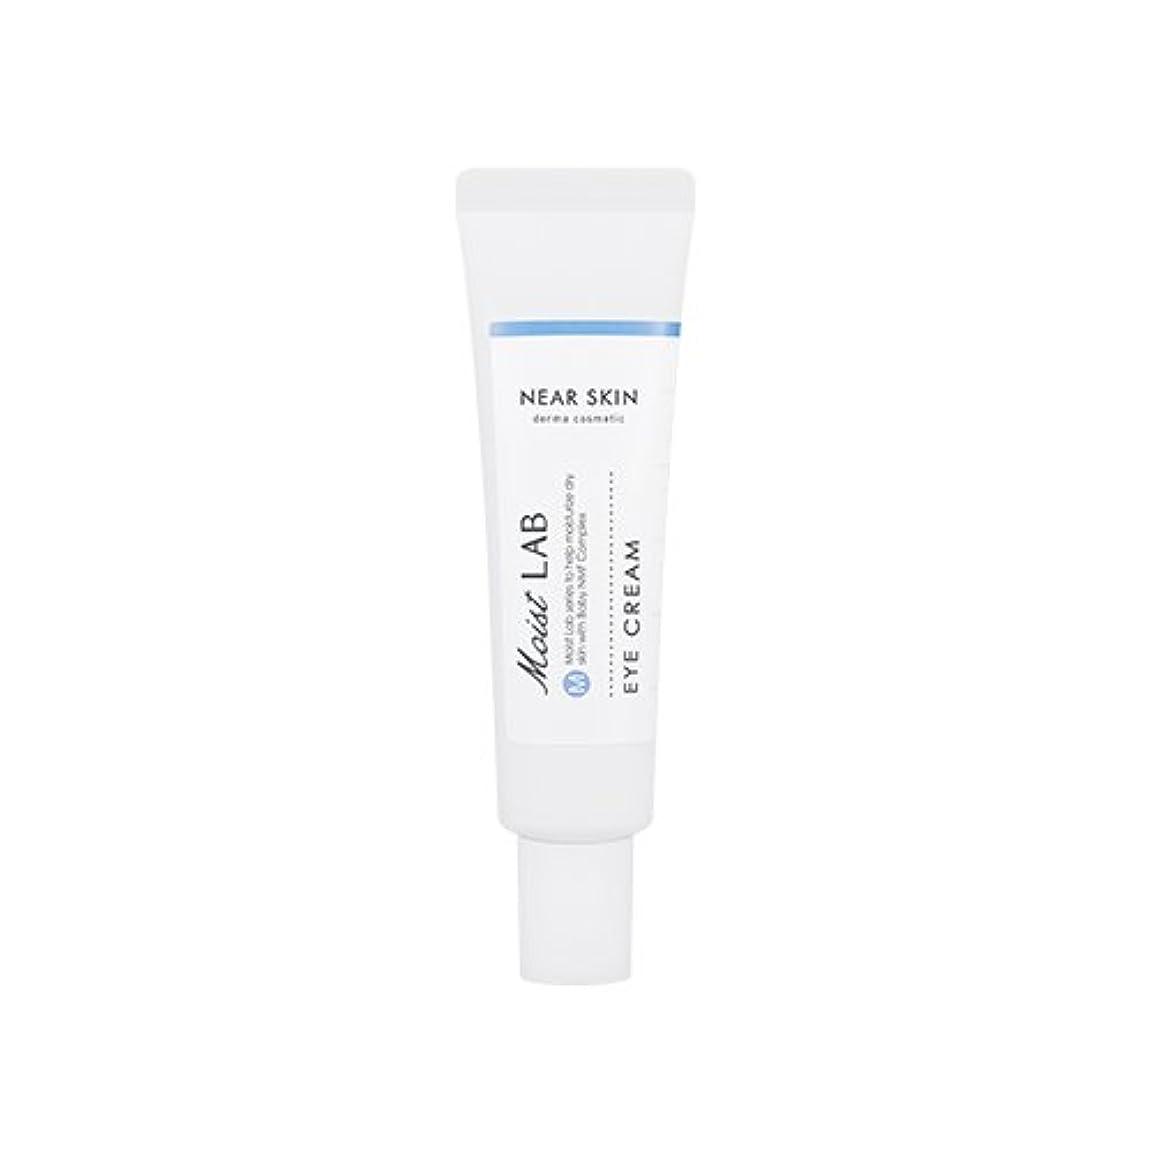 戦闘回るMISSHA NEAR SKIN Derma Cosmetic Moist LAB (Eye Cream) / ミシャ ニアスキン ダーマコスメティックモイストラボ アイクリーム 30ml [並行輸入品]